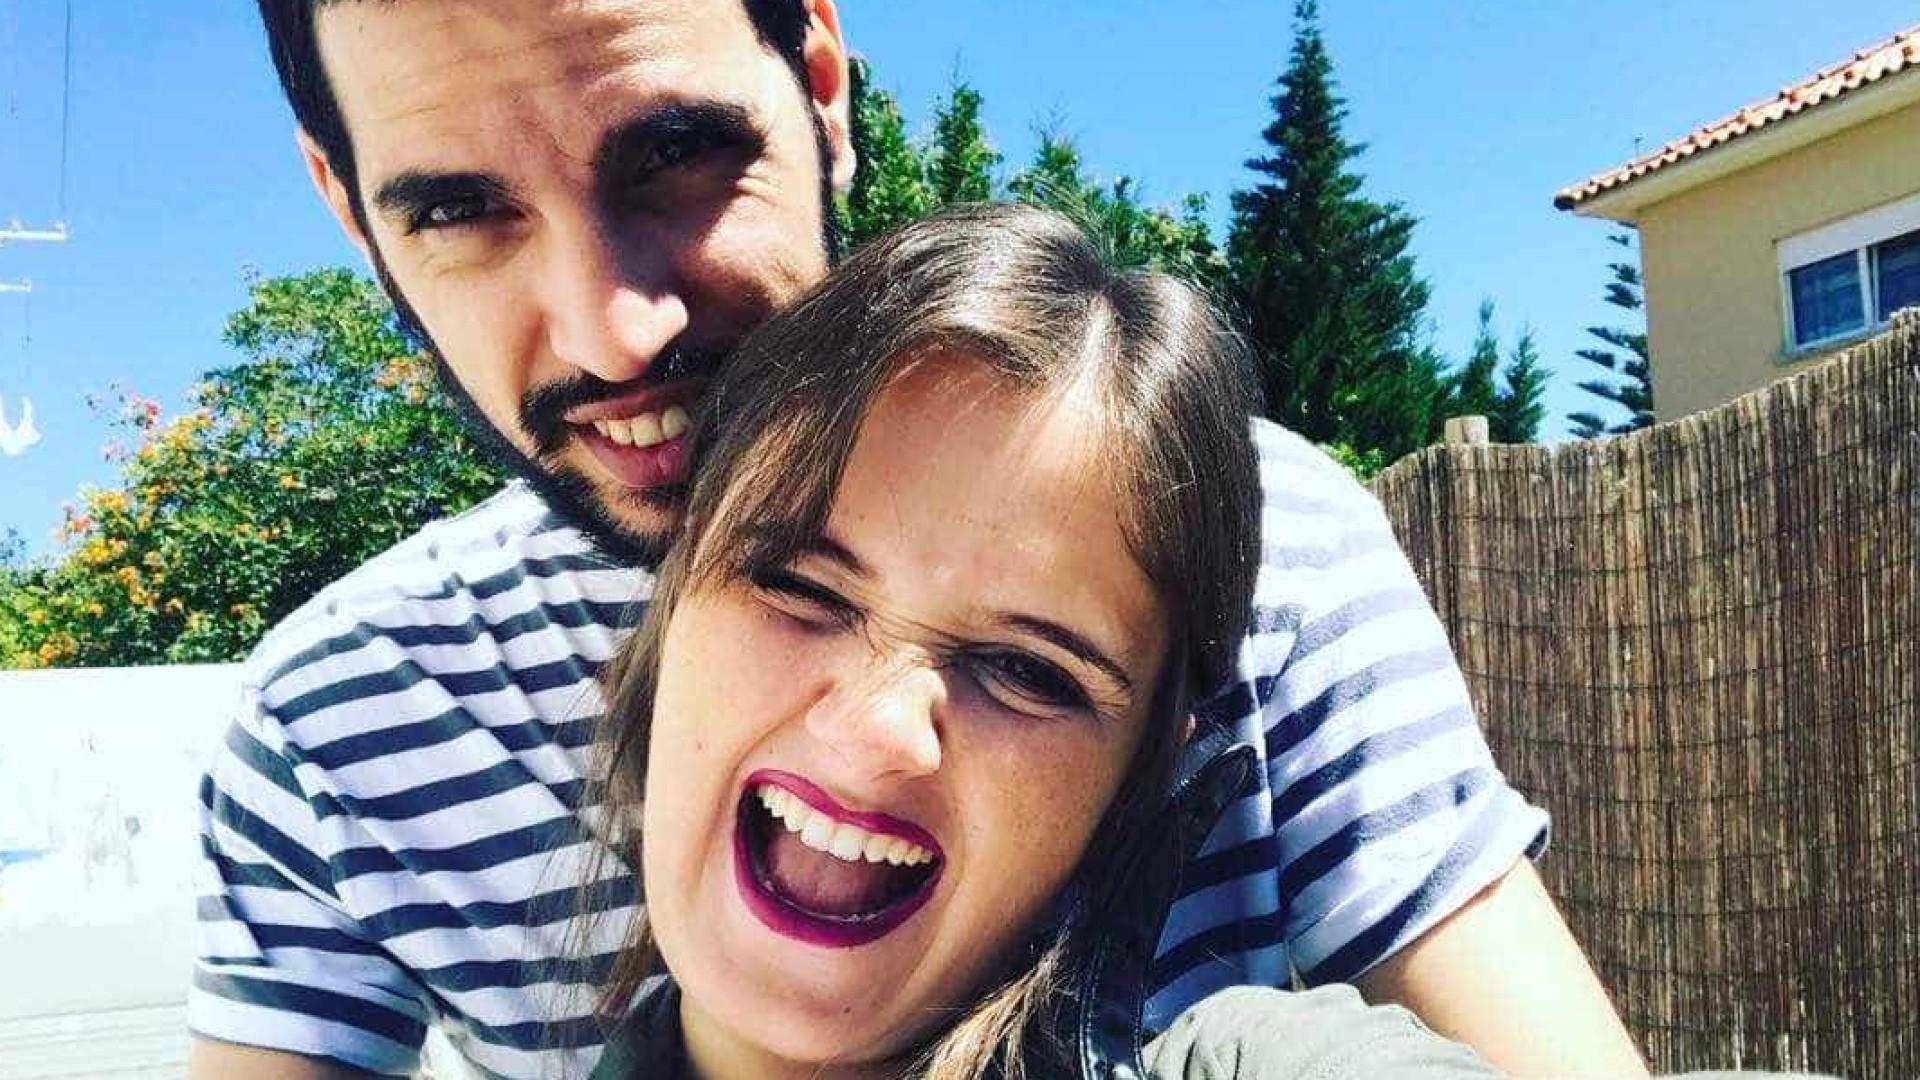 Carolina Deslandes surpreendida à distância pelo namorado